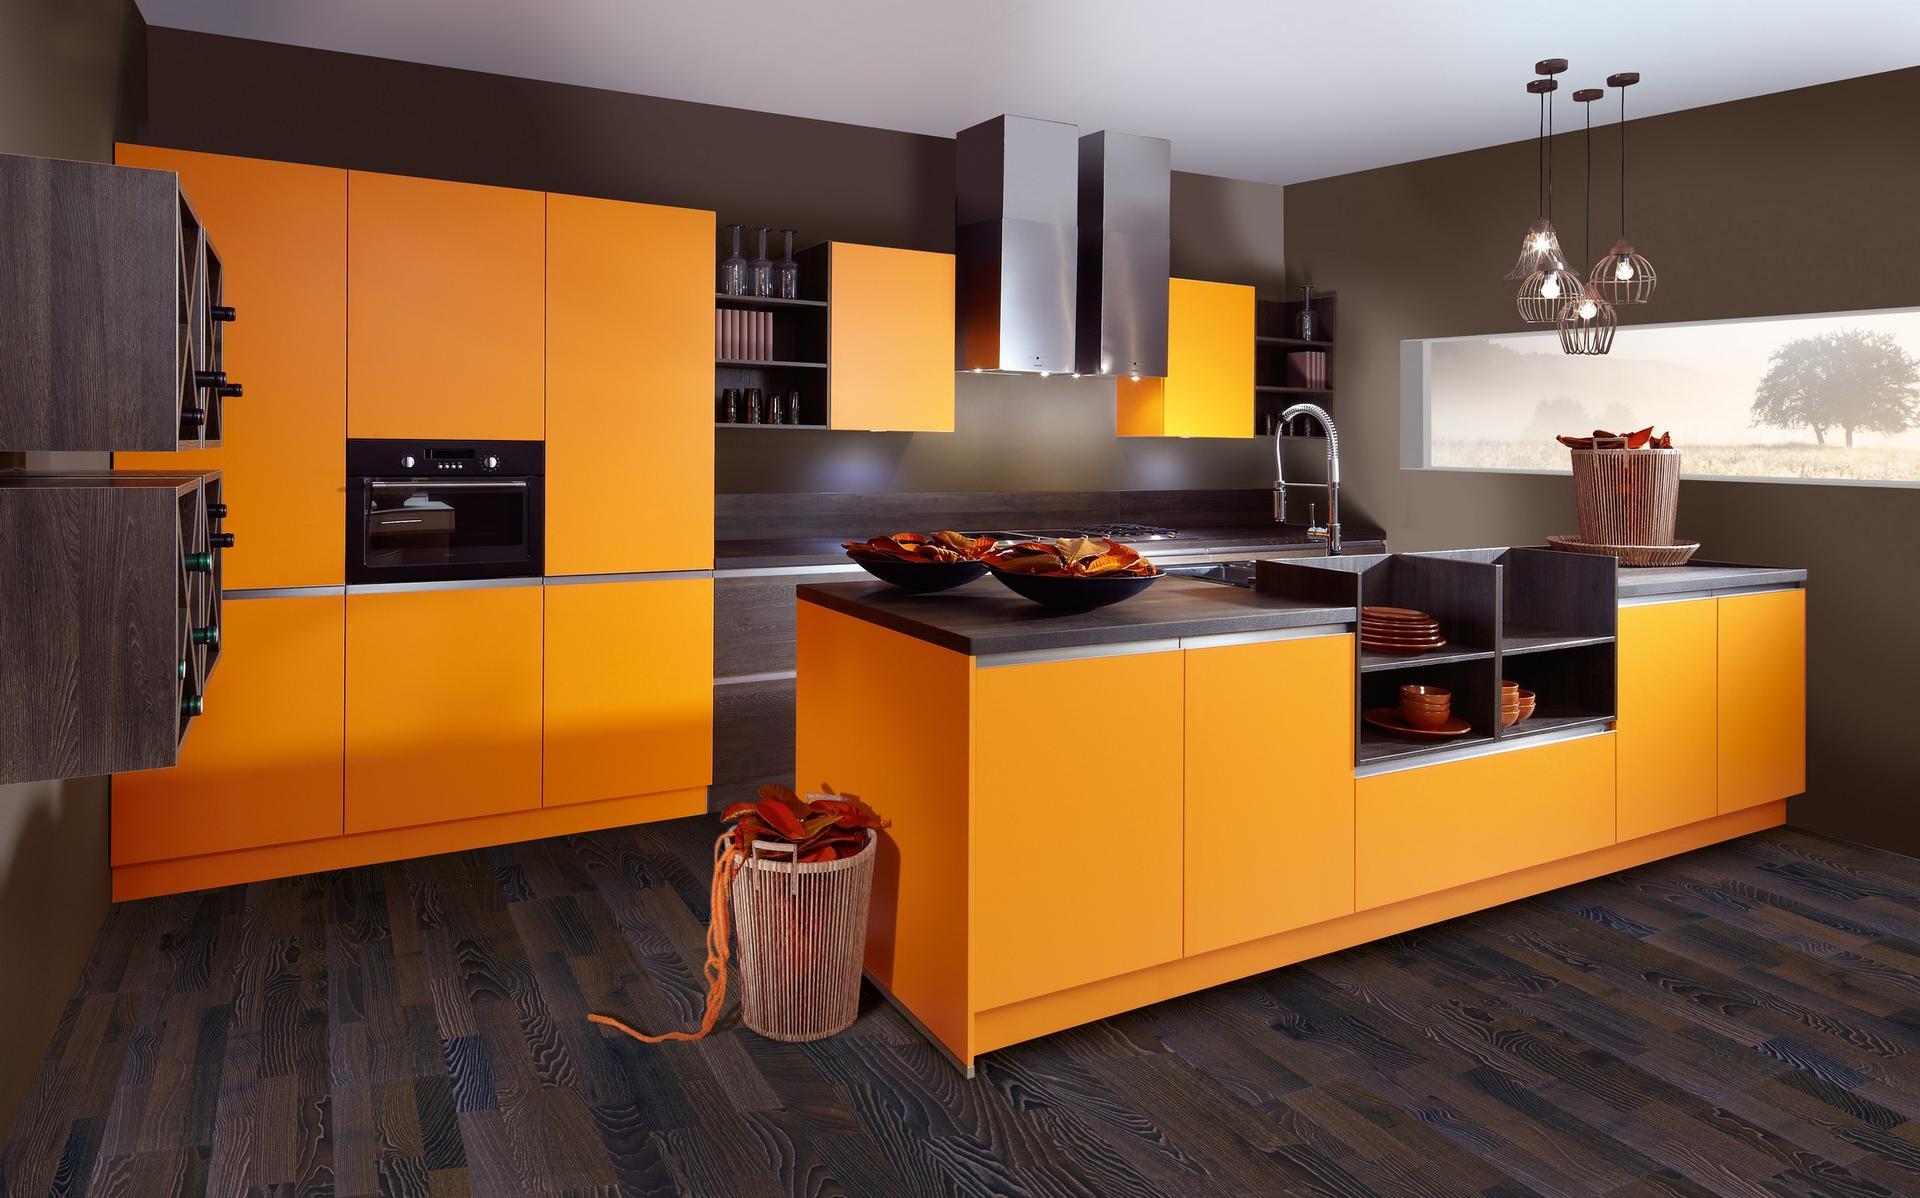 Современная кухня оранжевого цвета